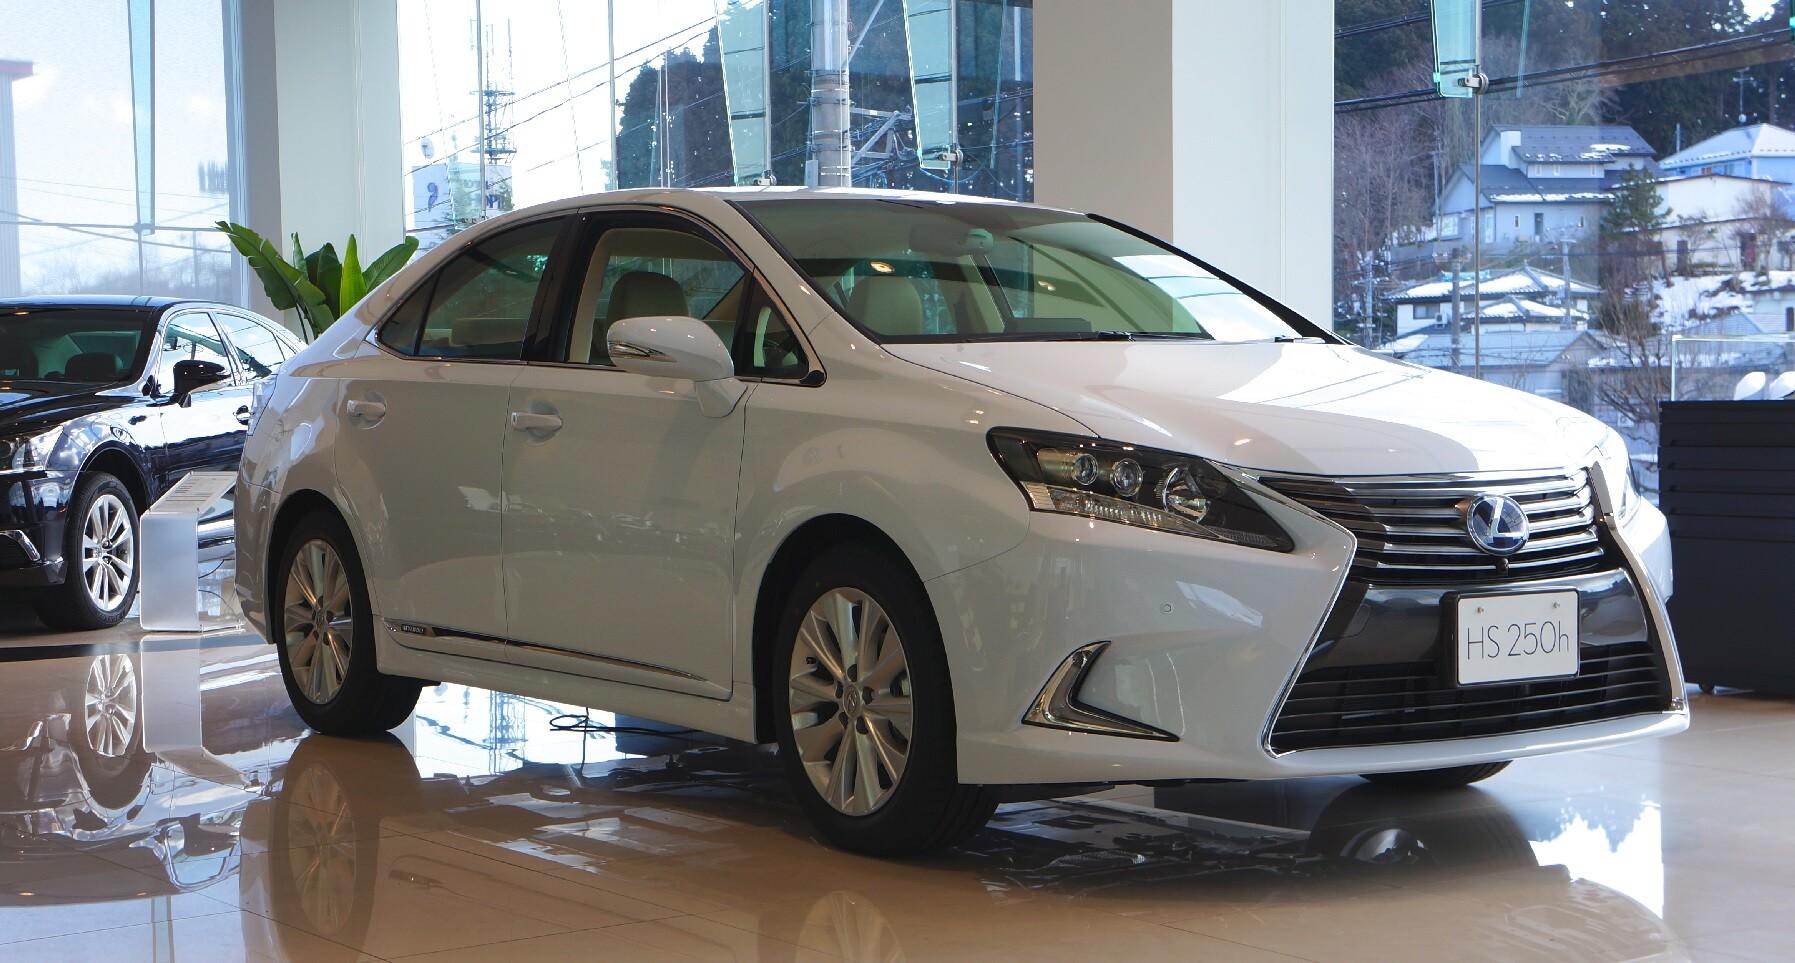 Автомобиль премиум-класса Lexus HS250h